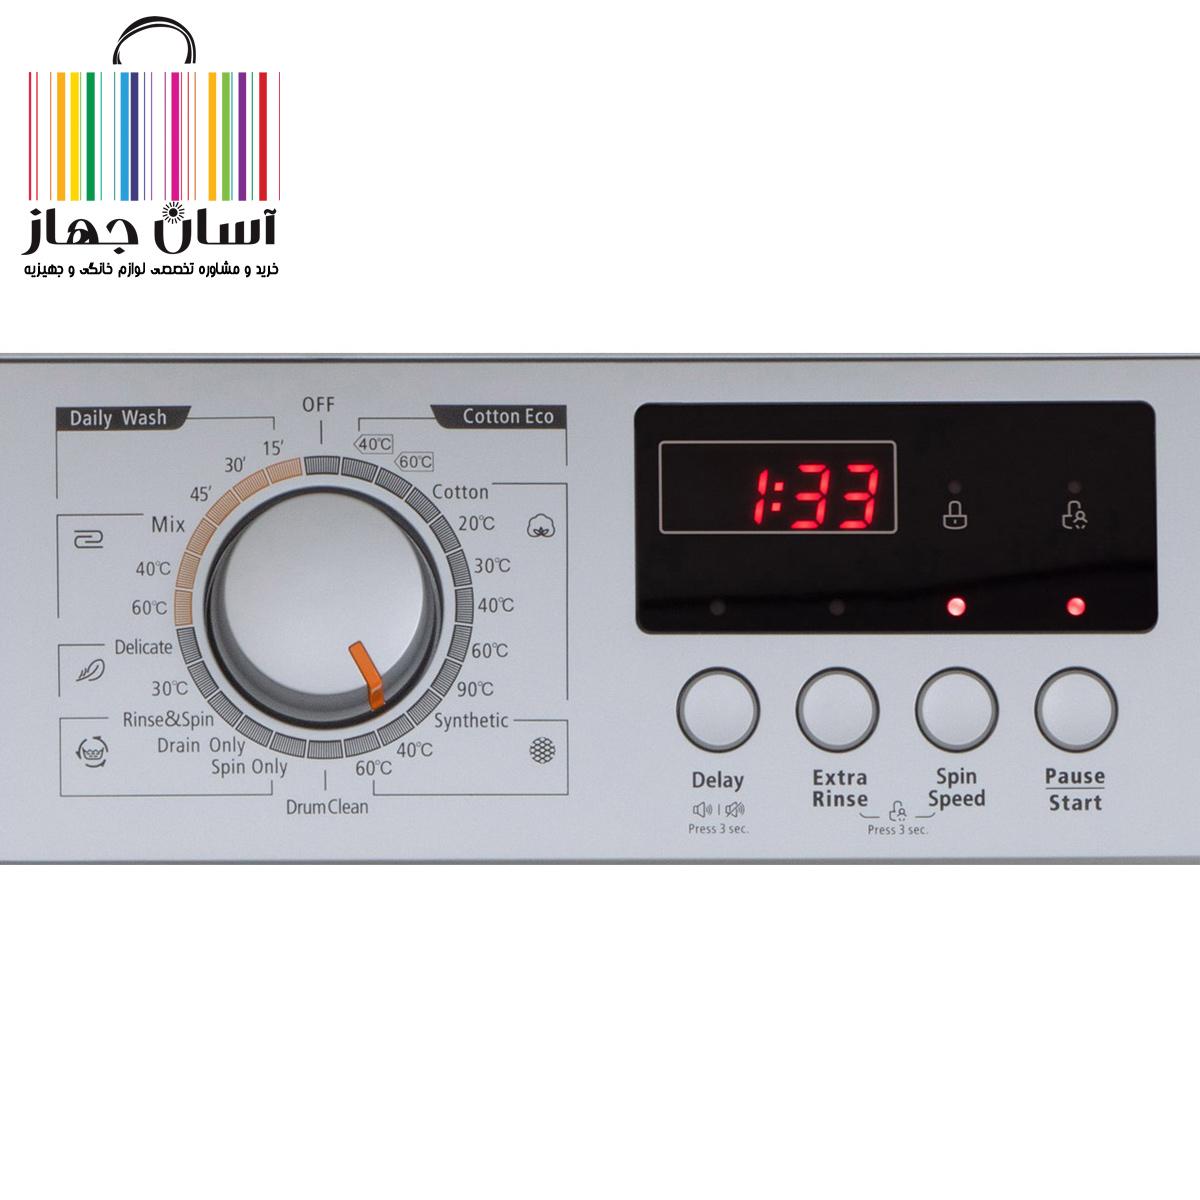 ماشین لباسشویی پاکشوما مدل WFU-6408 ST